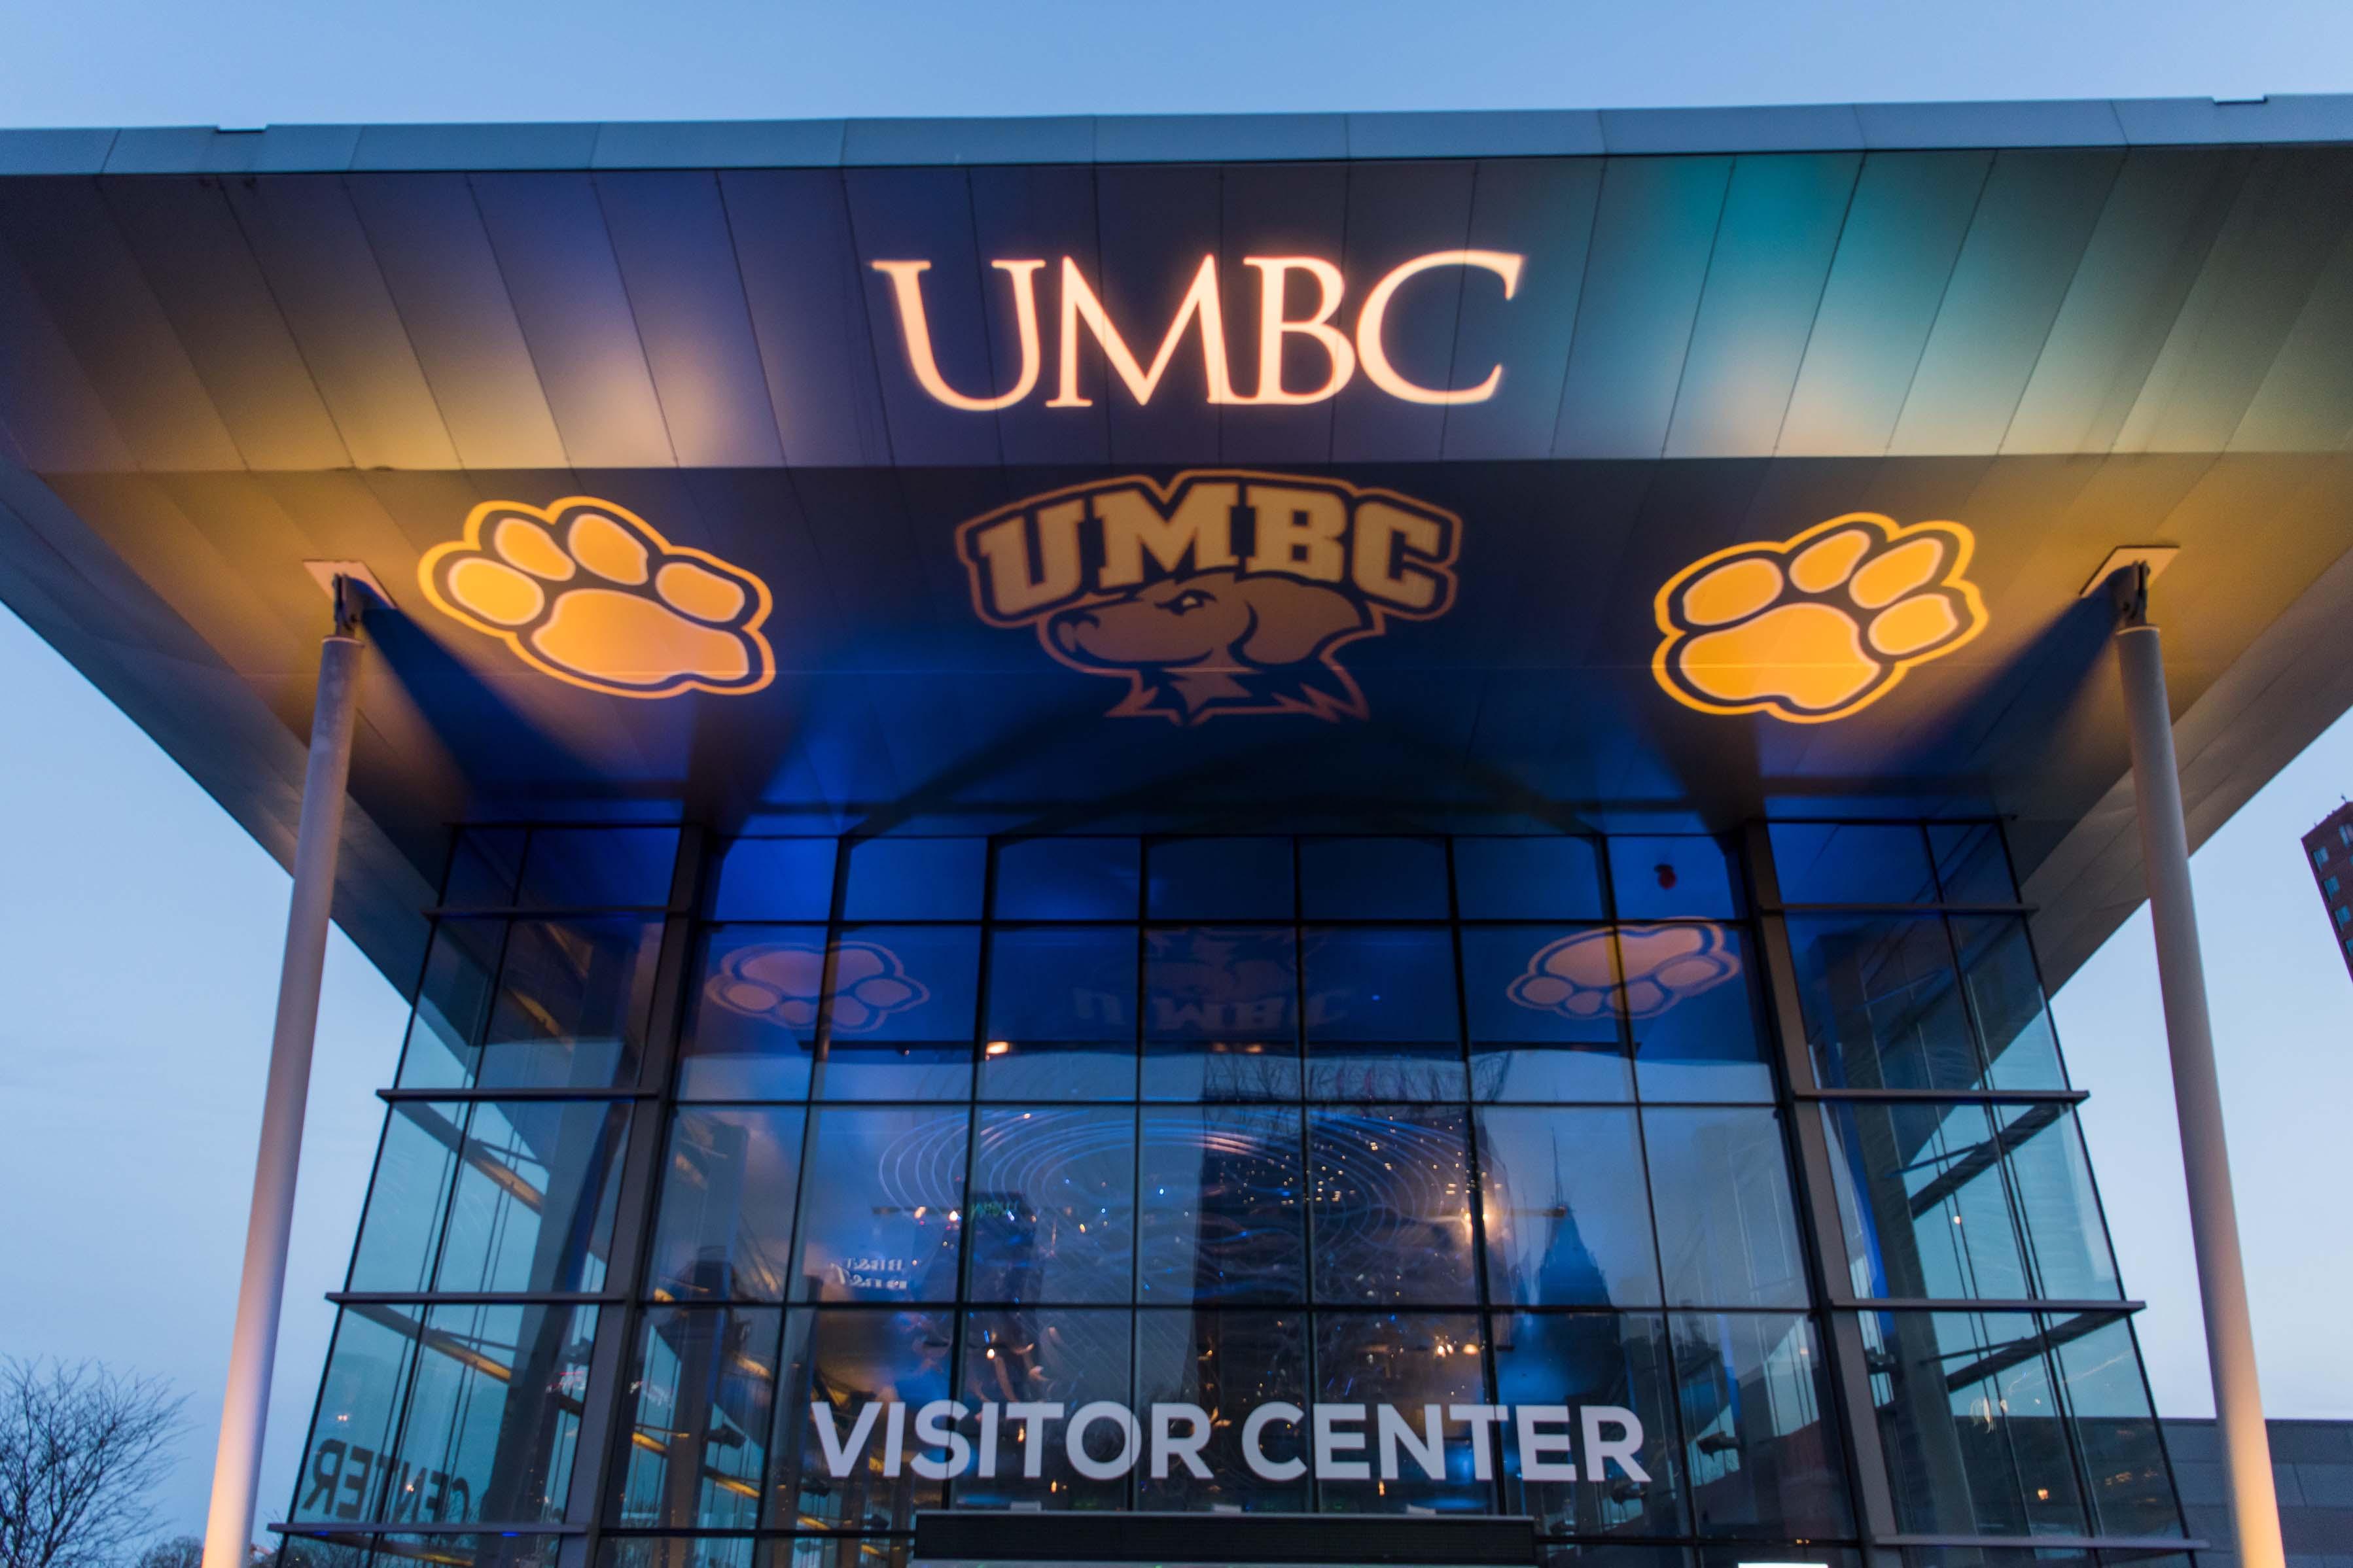 UMBC visitor center